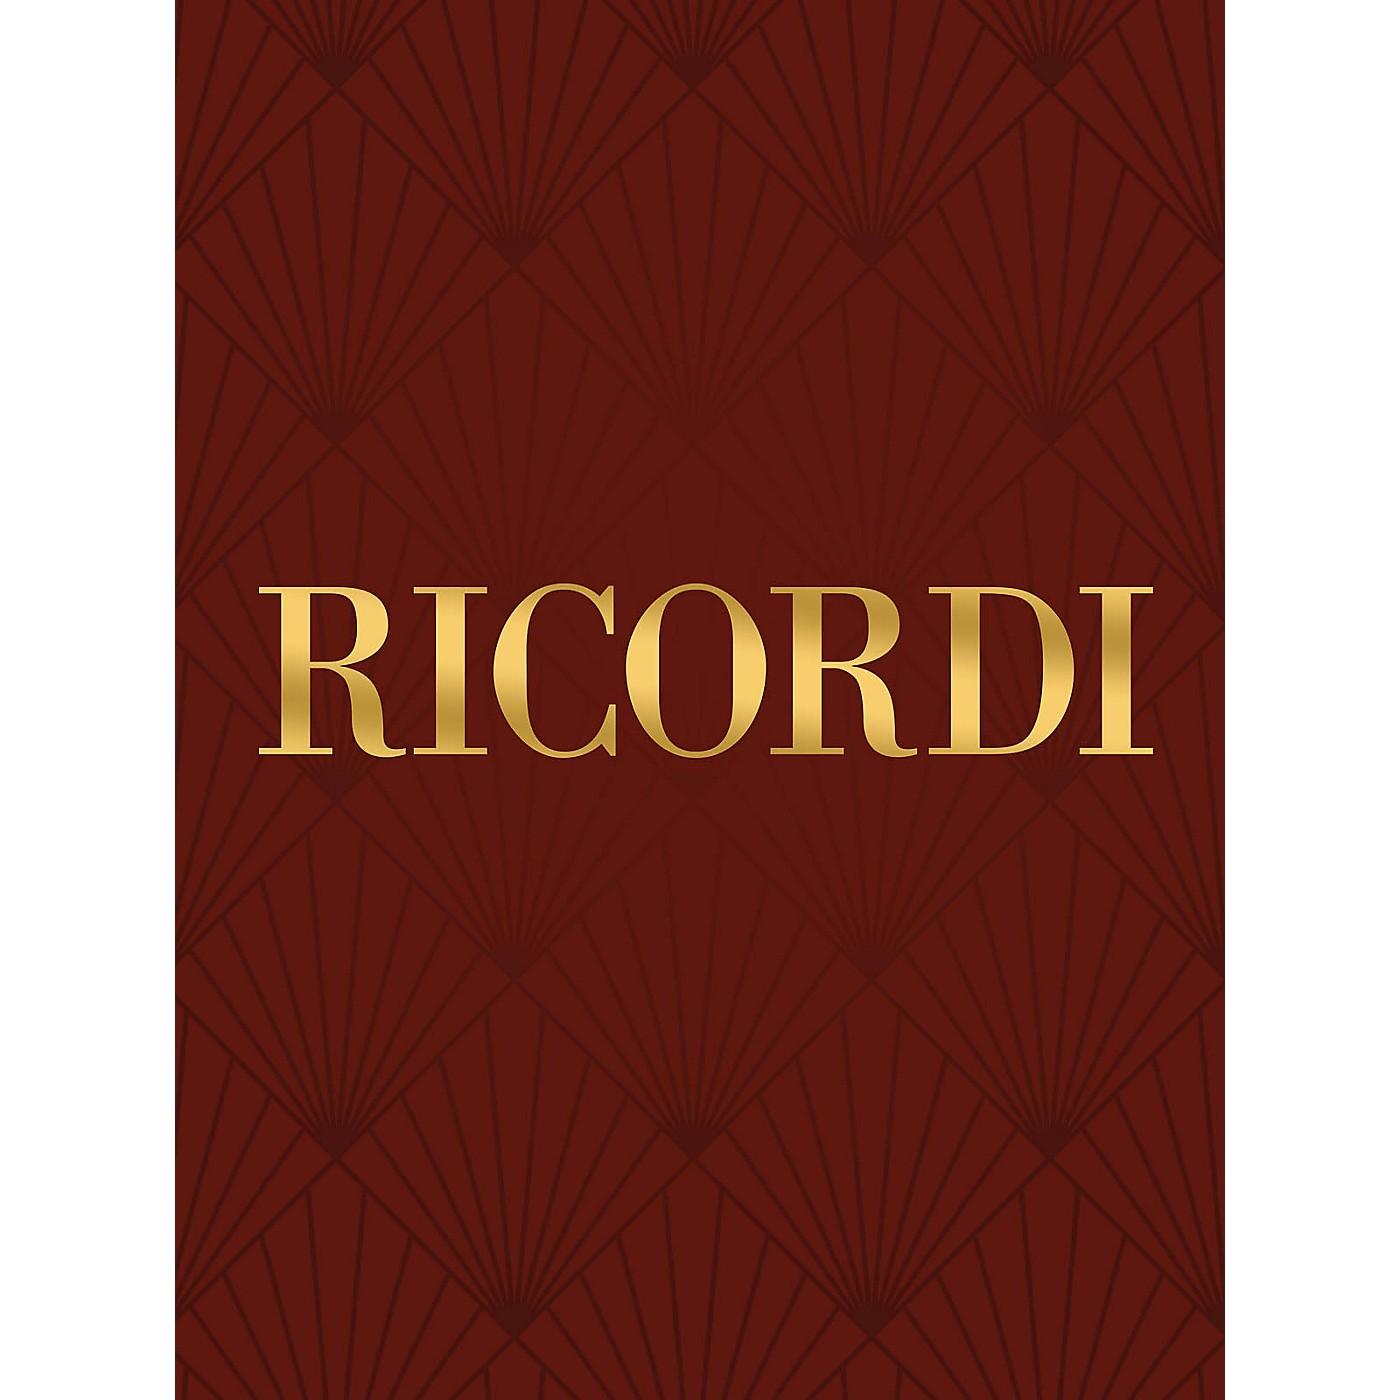 Ricordi Piccola Tastiera, Vol. 2 (Piano Solo) Piano Solo Series Composed by Victor Delisa thumbnail